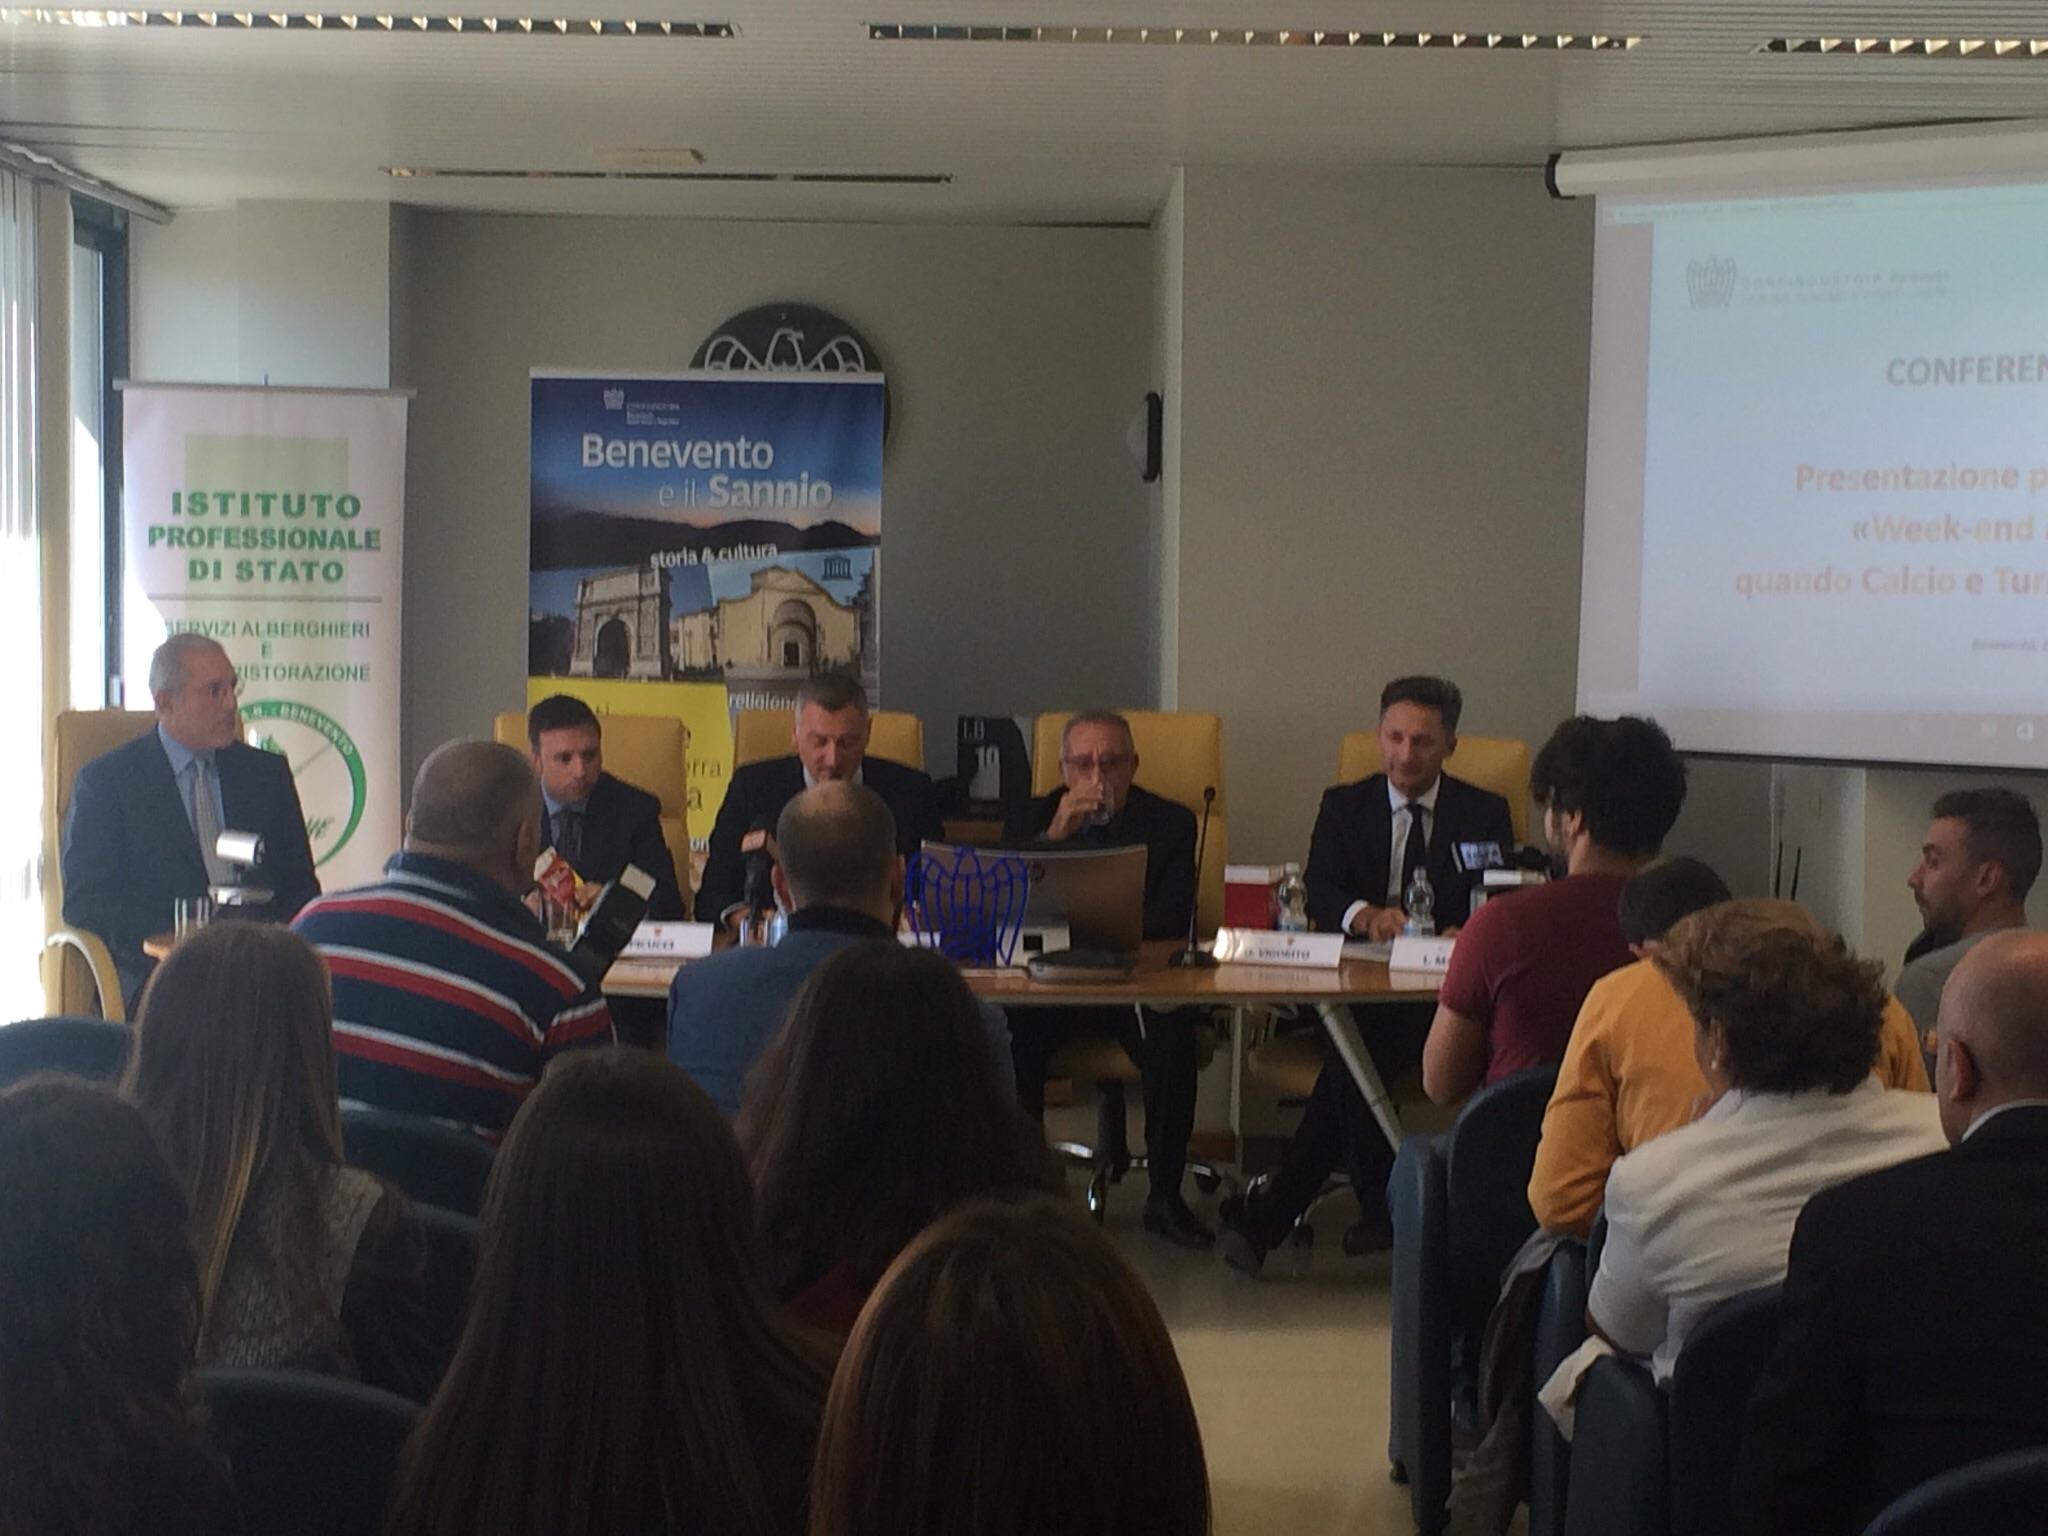 Benevento| Calcio e città fanno squadra per promuovere il turismo